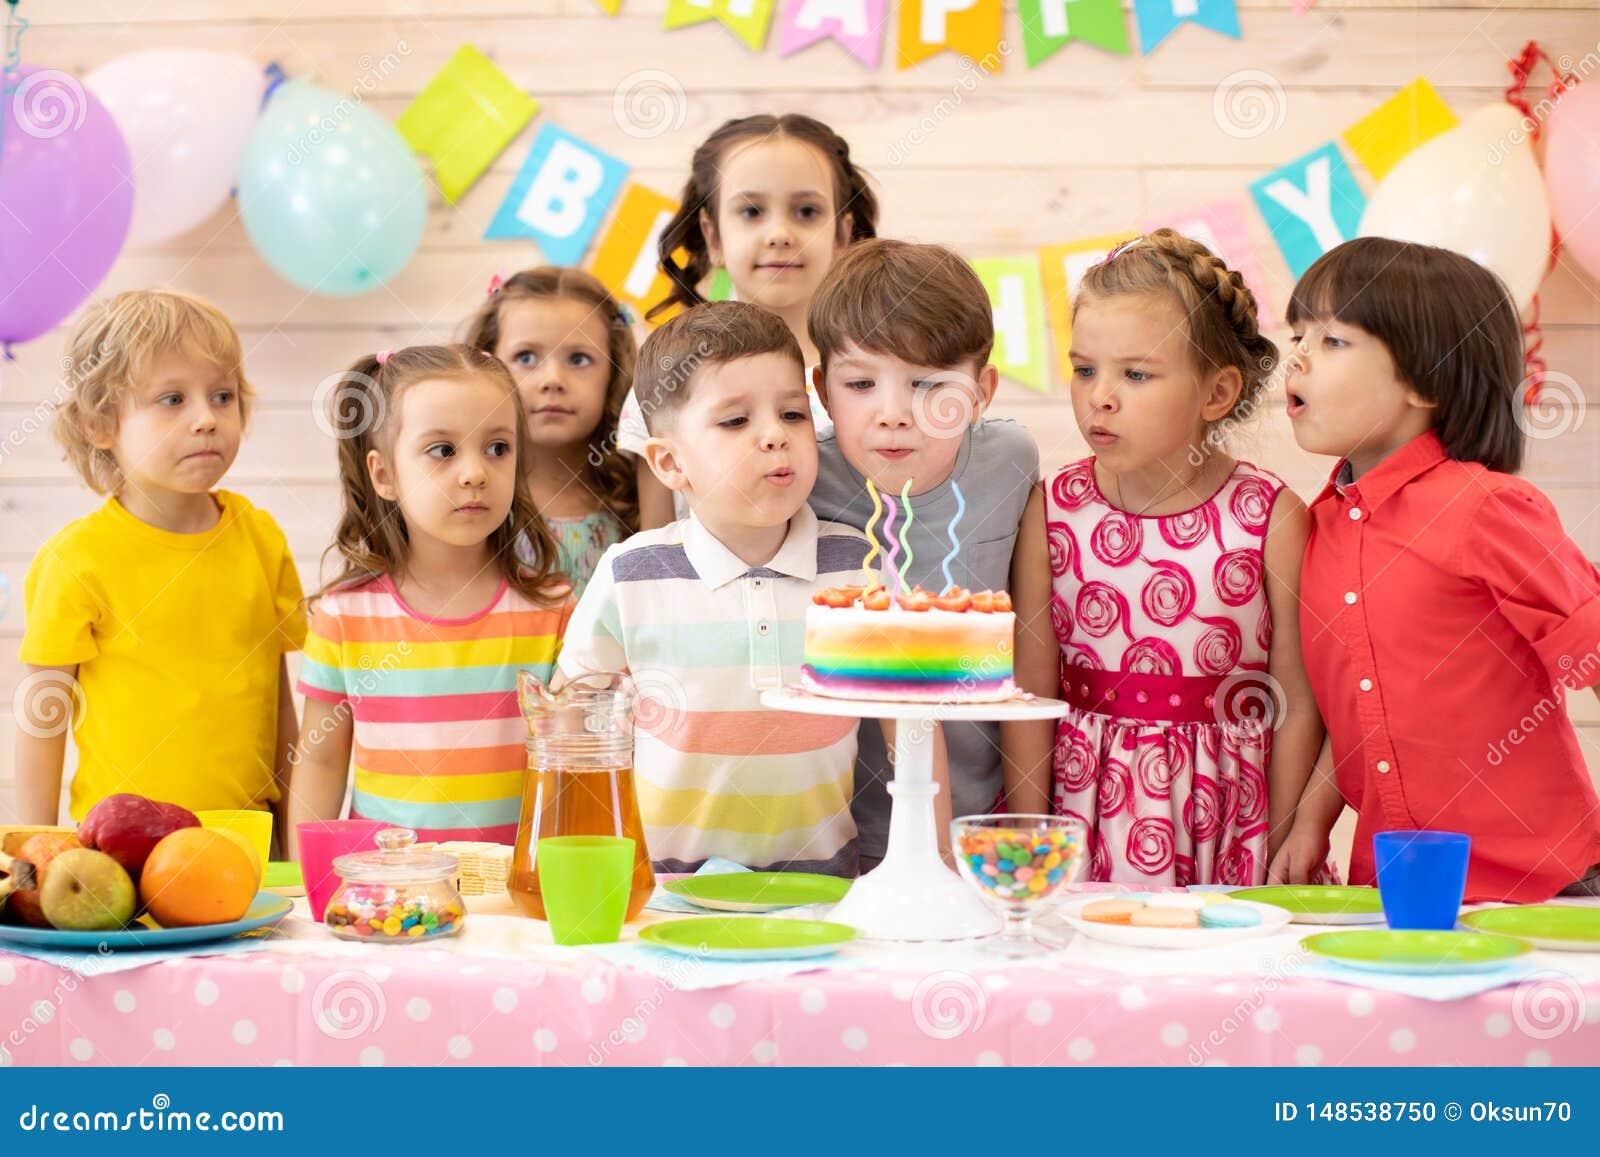 孩子庆祝在欢乐蛋糕的生日宴会和打击蜡烛